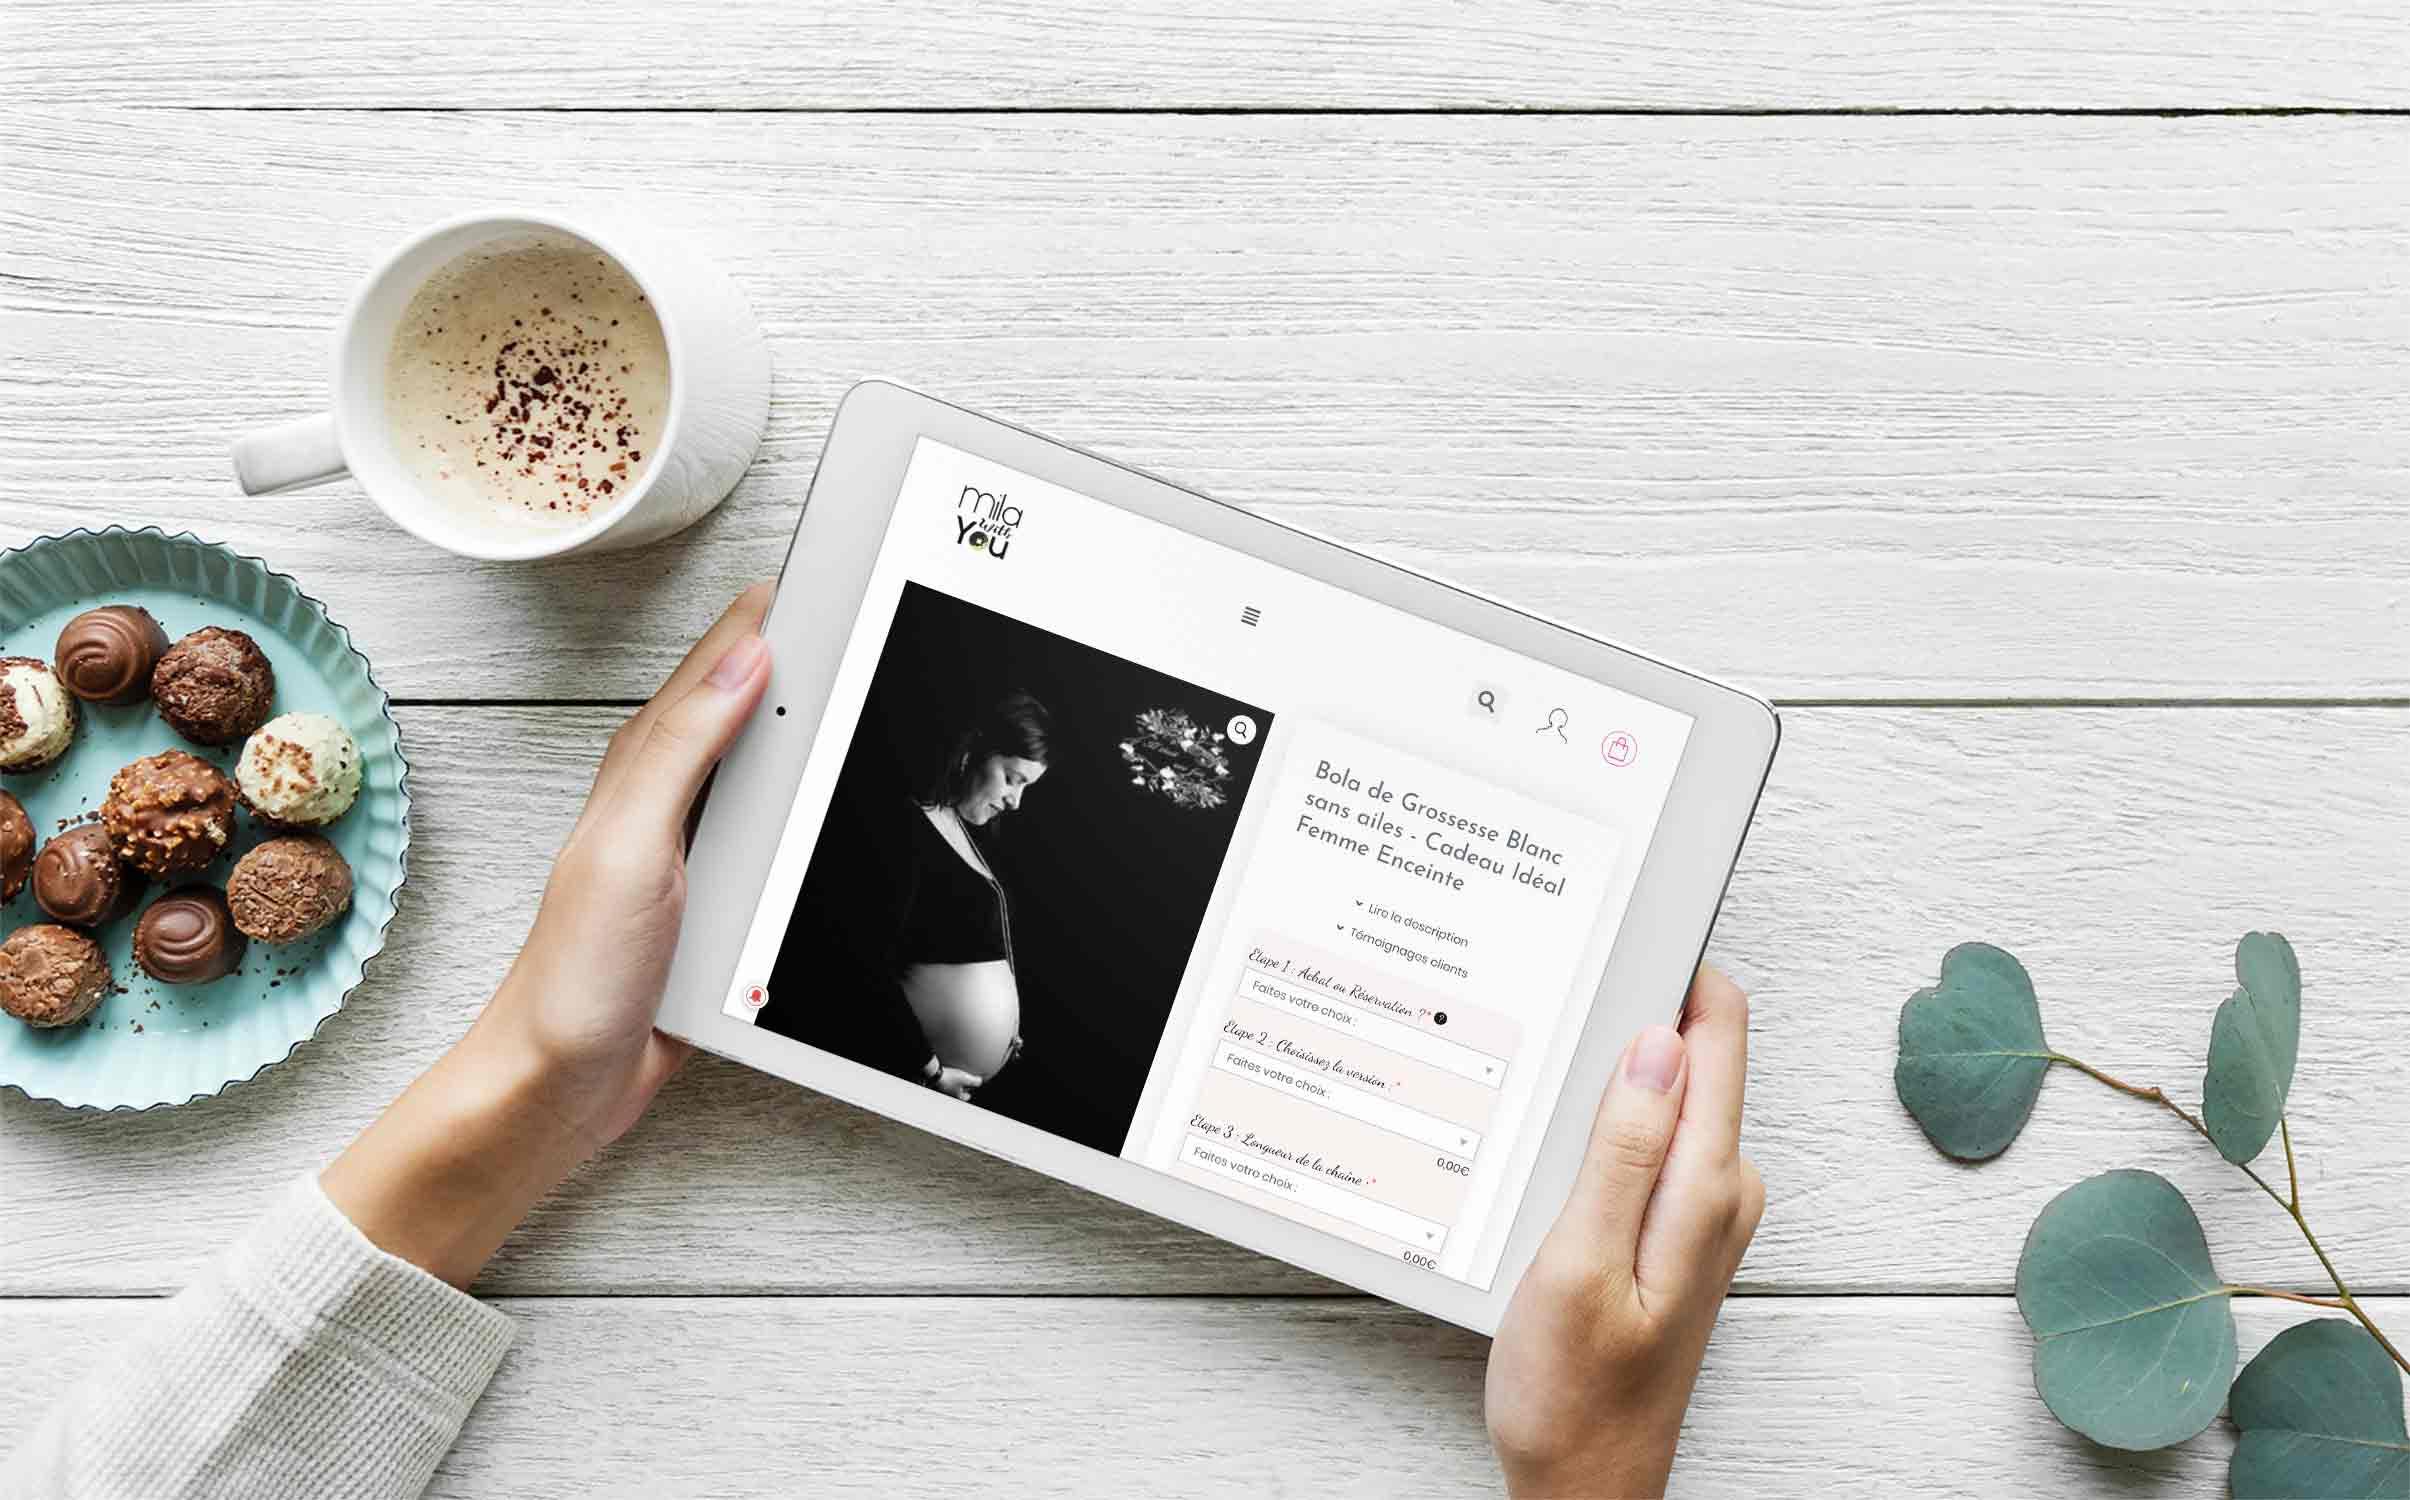 Consultation du site Milawithyou sur une tablette